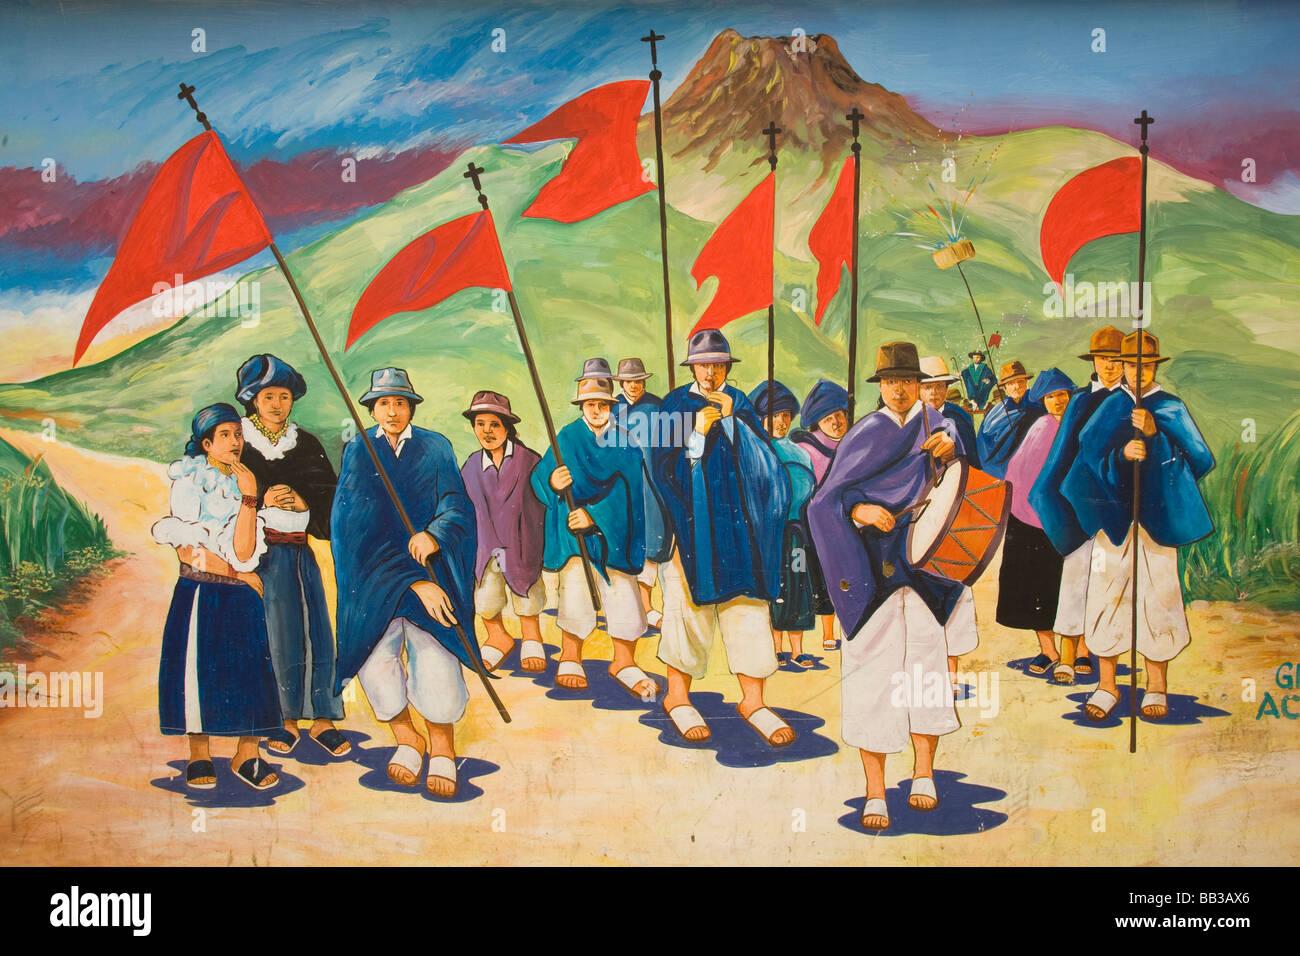 South America, Ecuador, Otavalo,  Plaza de Ponchos, mural - Stock Image